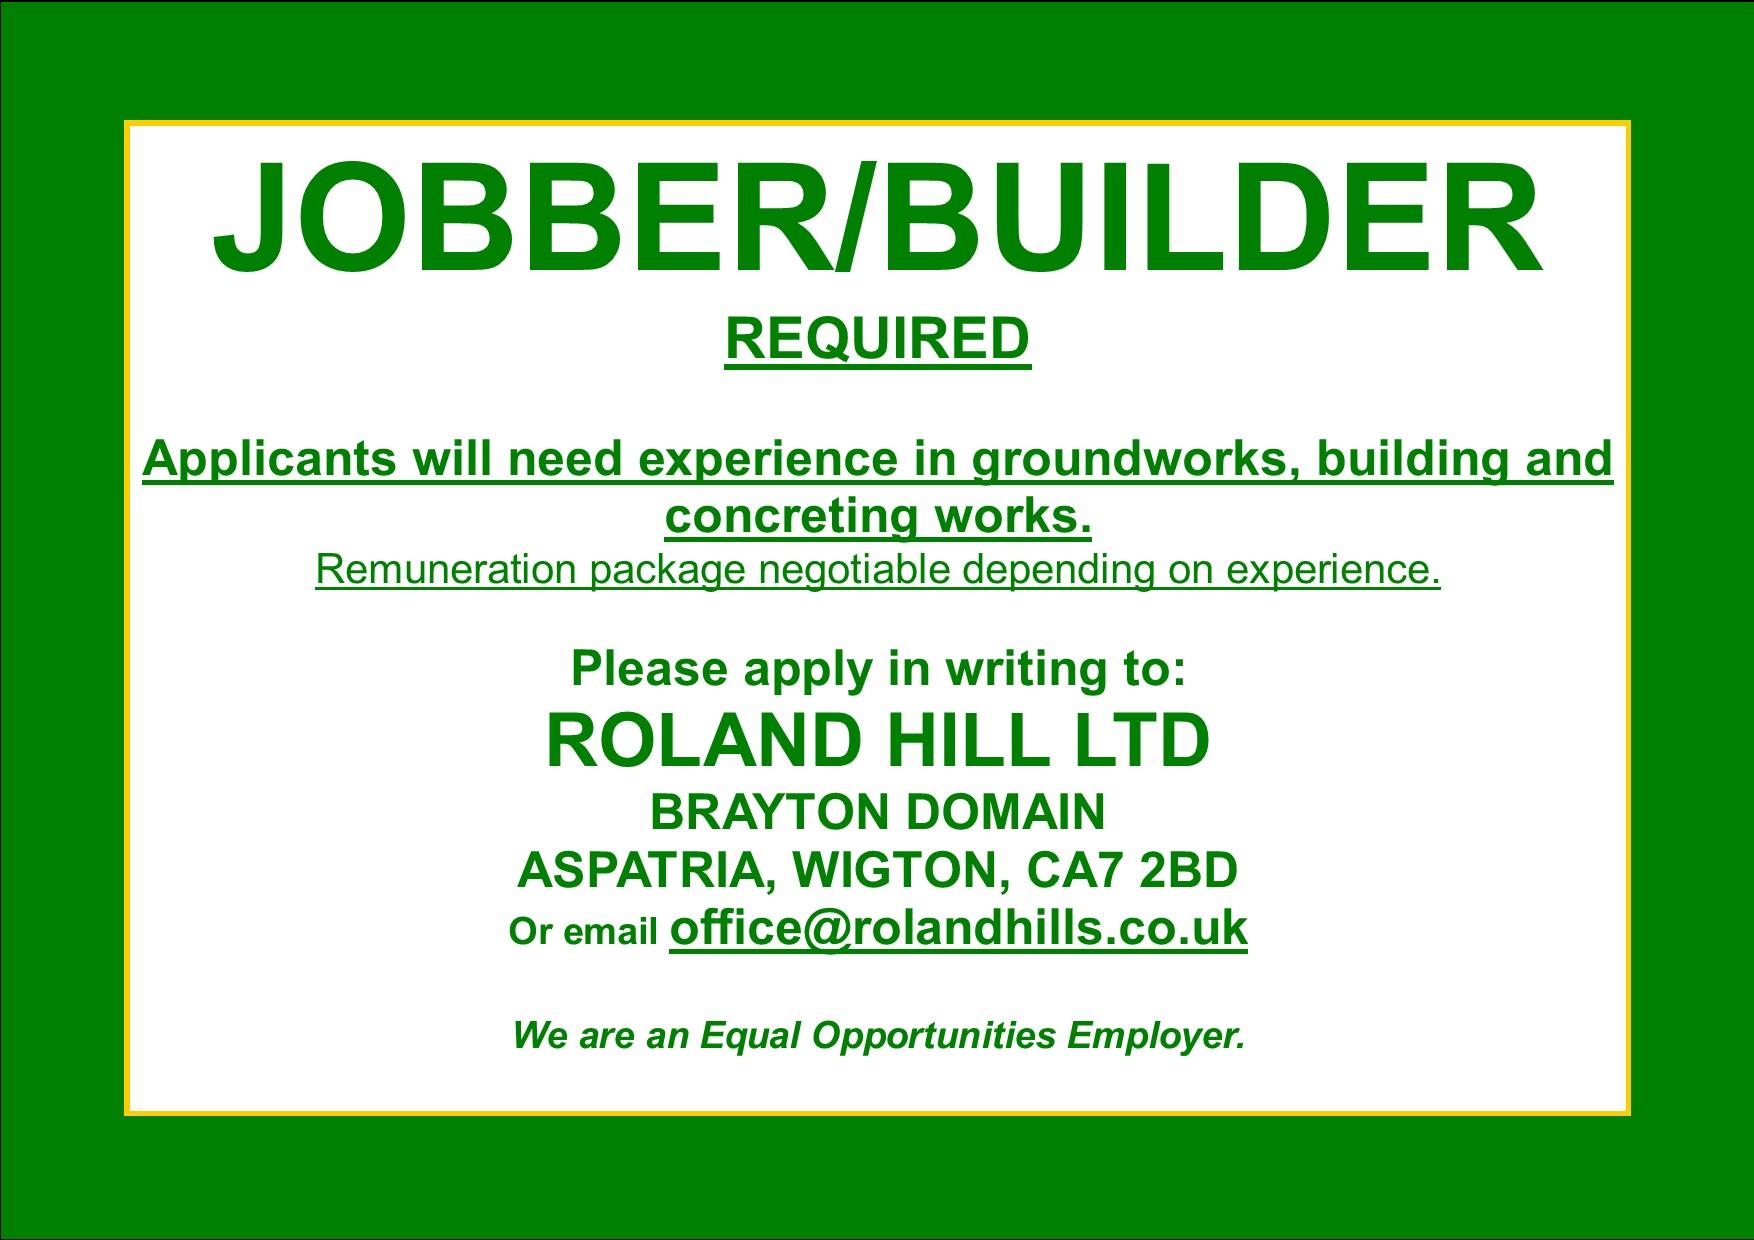 Advert - Jobber-Builder 22 January 2018.jpg